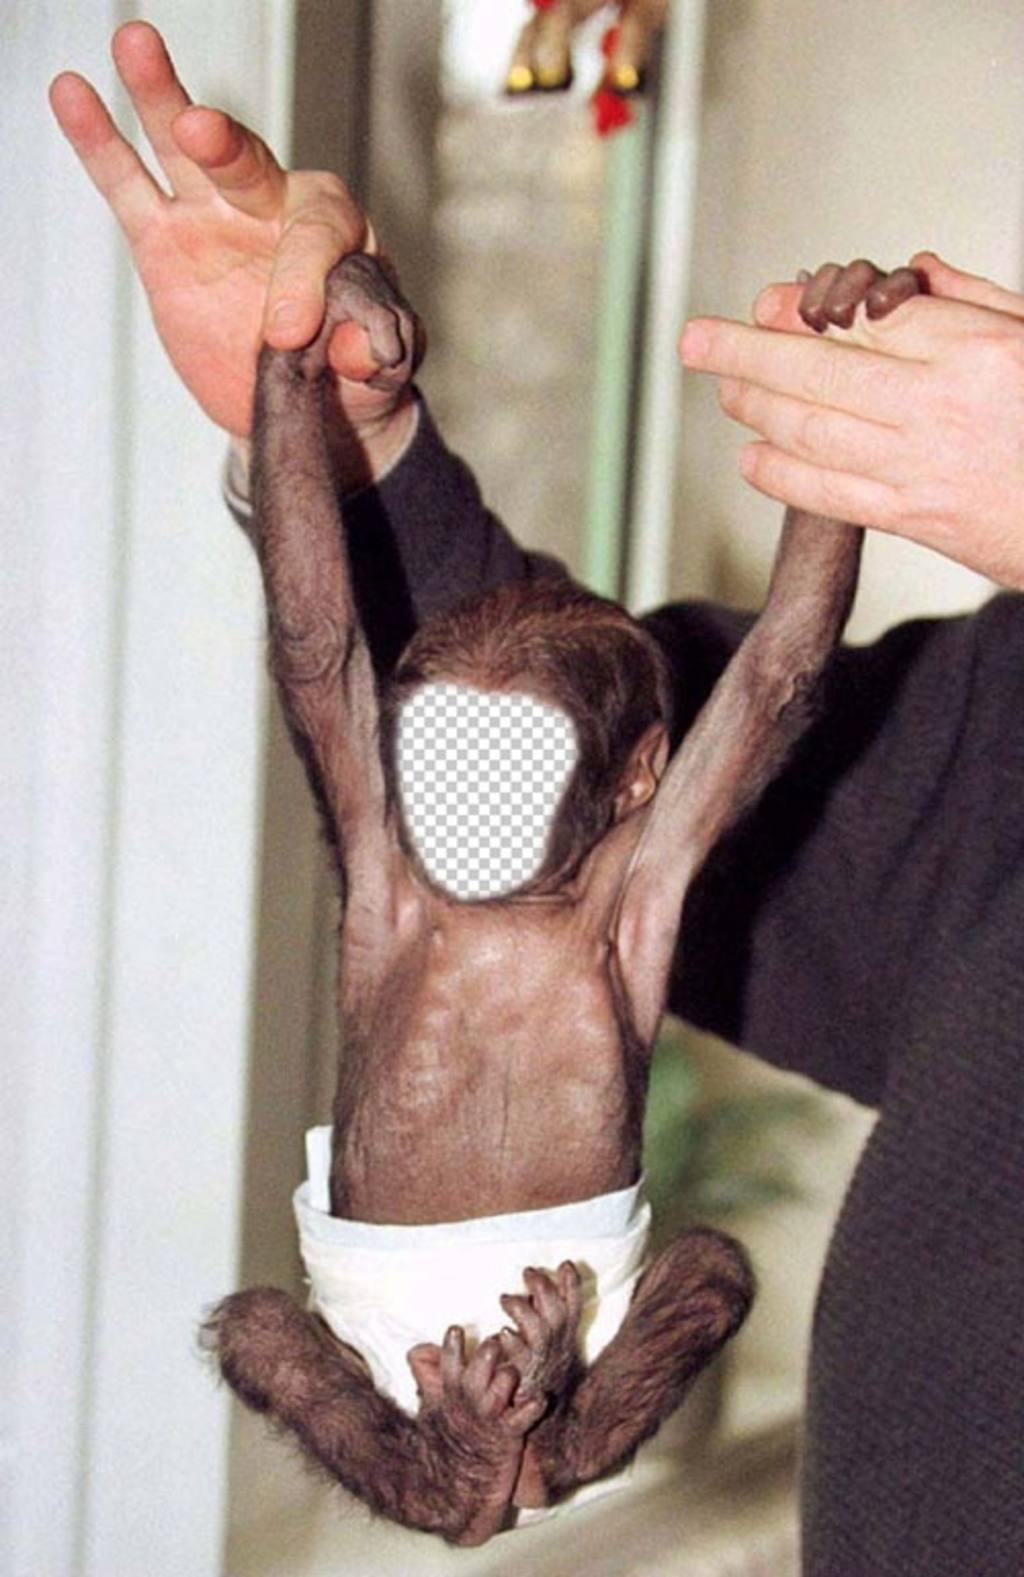 Halterung für Fotos, wo Sie ein kleiner Affe